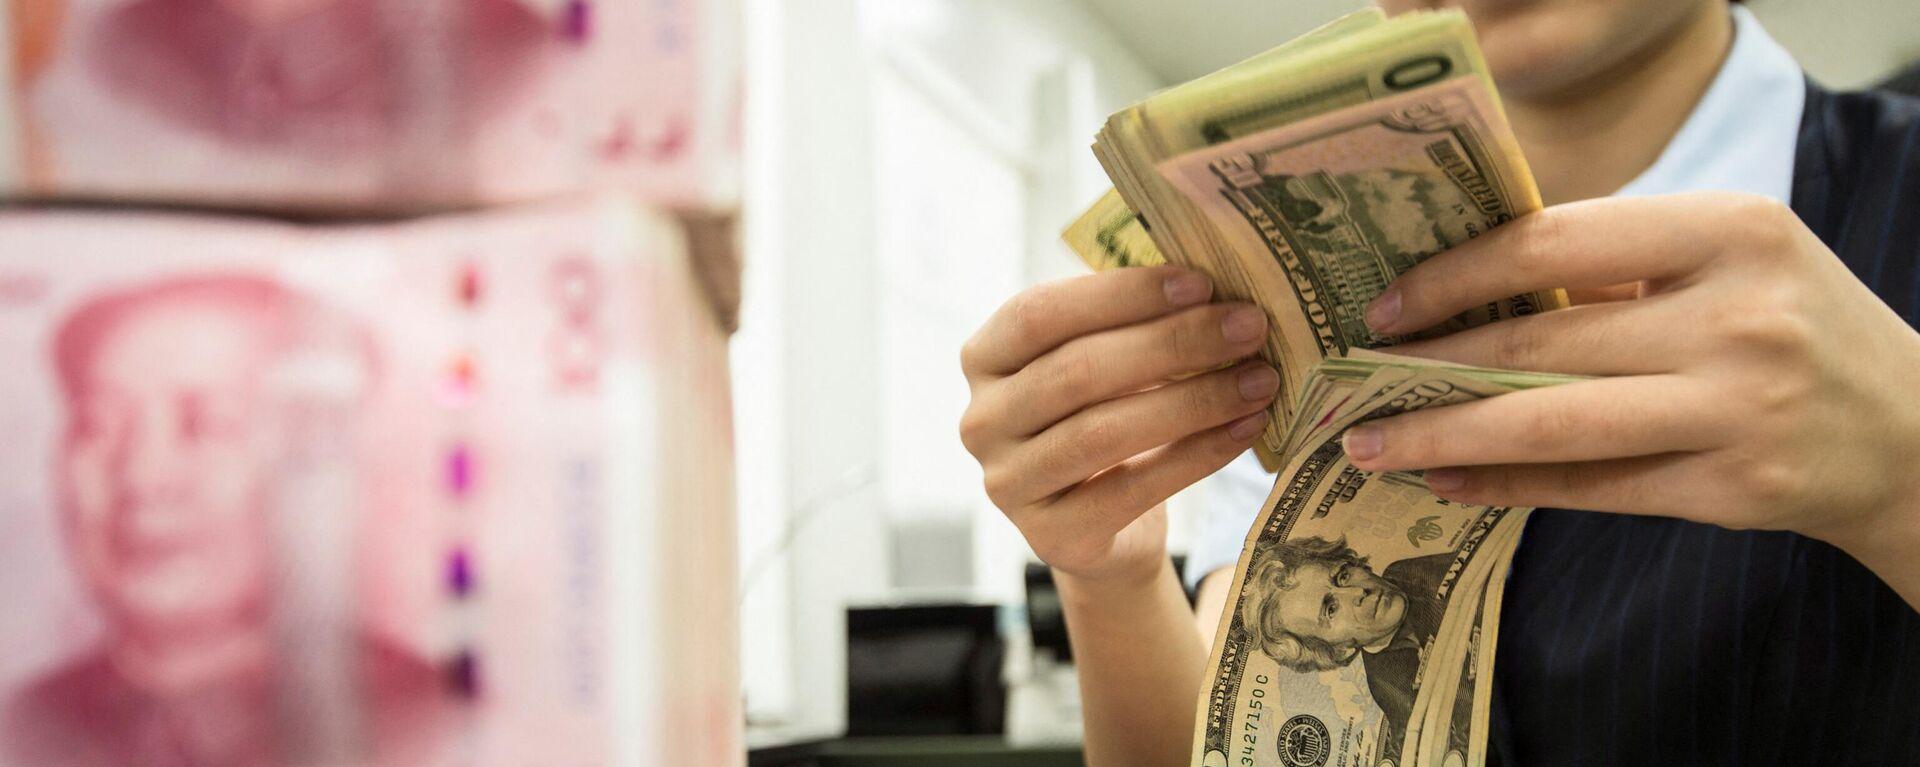 Ein chinesischer Bankangestellter zählt an einem Bankschalter in Nantong in der östlichen chinesischen Provinz Jiangsu 100-Yuan-Banknoten und US-Dollar-Scheine, 6. August 2019. - SNA, 1920, 04.04.2021